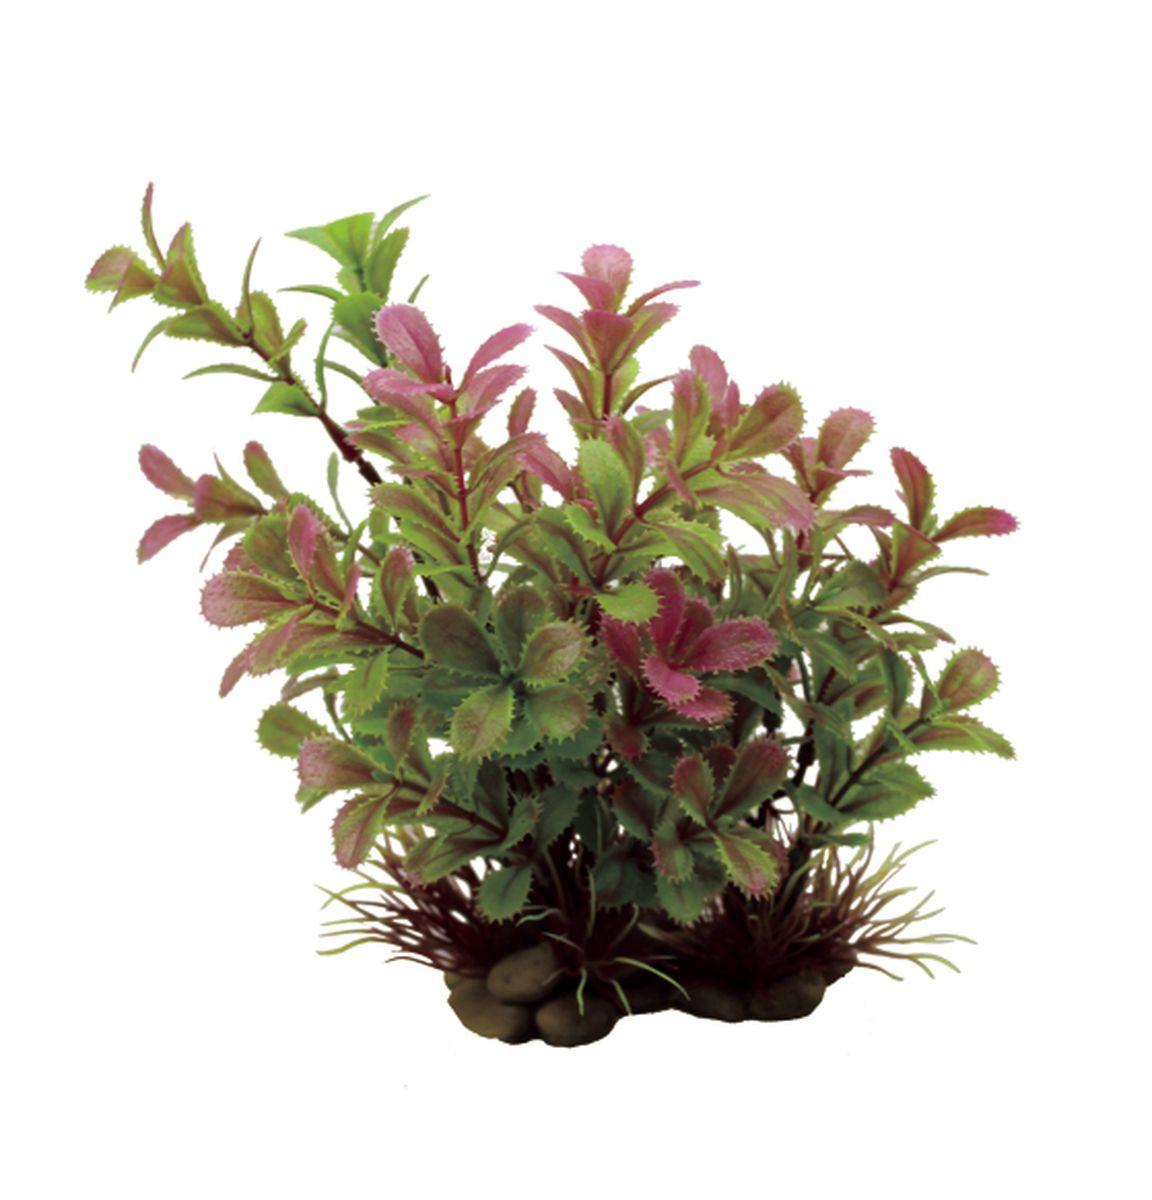 Растение для аквариума ArtUniq Прозерпинака, высота 20 см. ART-11503020120710Композиция из искусственных растений ArtUniq превосходно украсит и оживит аквариум.Растения - это важная часть любой композиции, они помогут вдохнуть жизнь в ландшафт любого аквариума или террариума. А их сходствос природными порадует даже самых взыскательных ценителей.